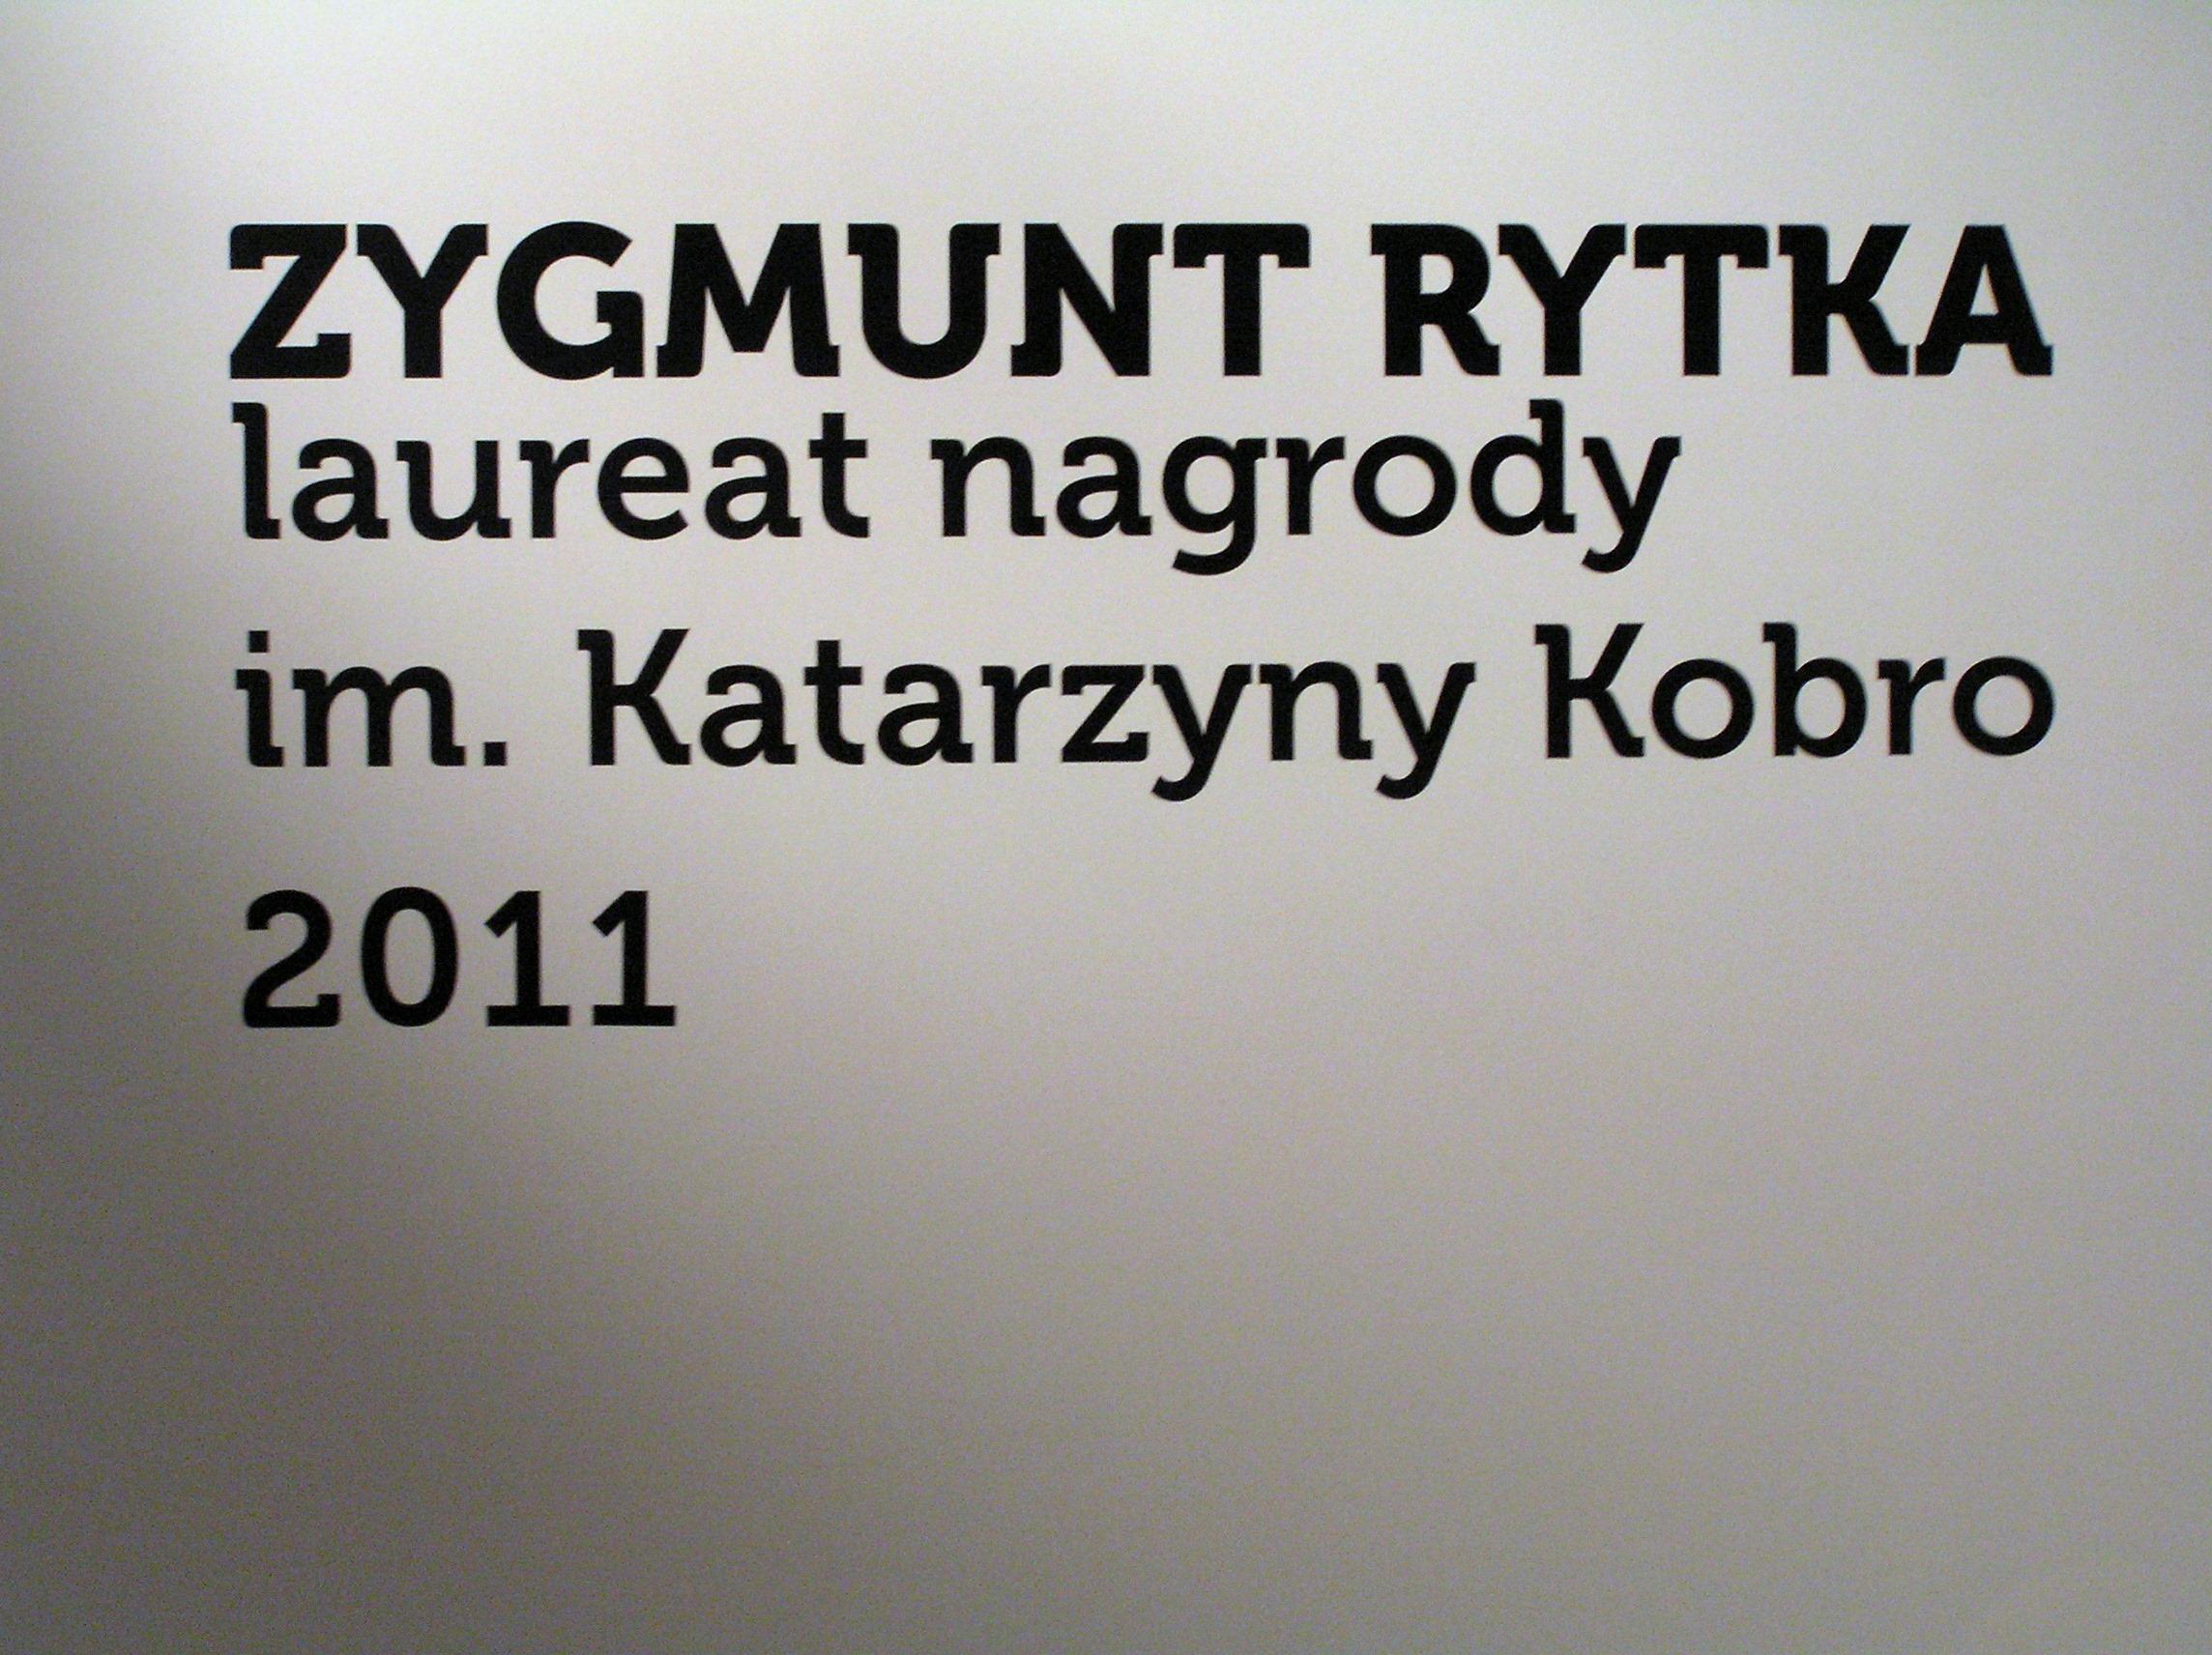 Zygmunt Rytka, Laureat nagrody im. Katarzyny Kobro, fot. K. Jurecki